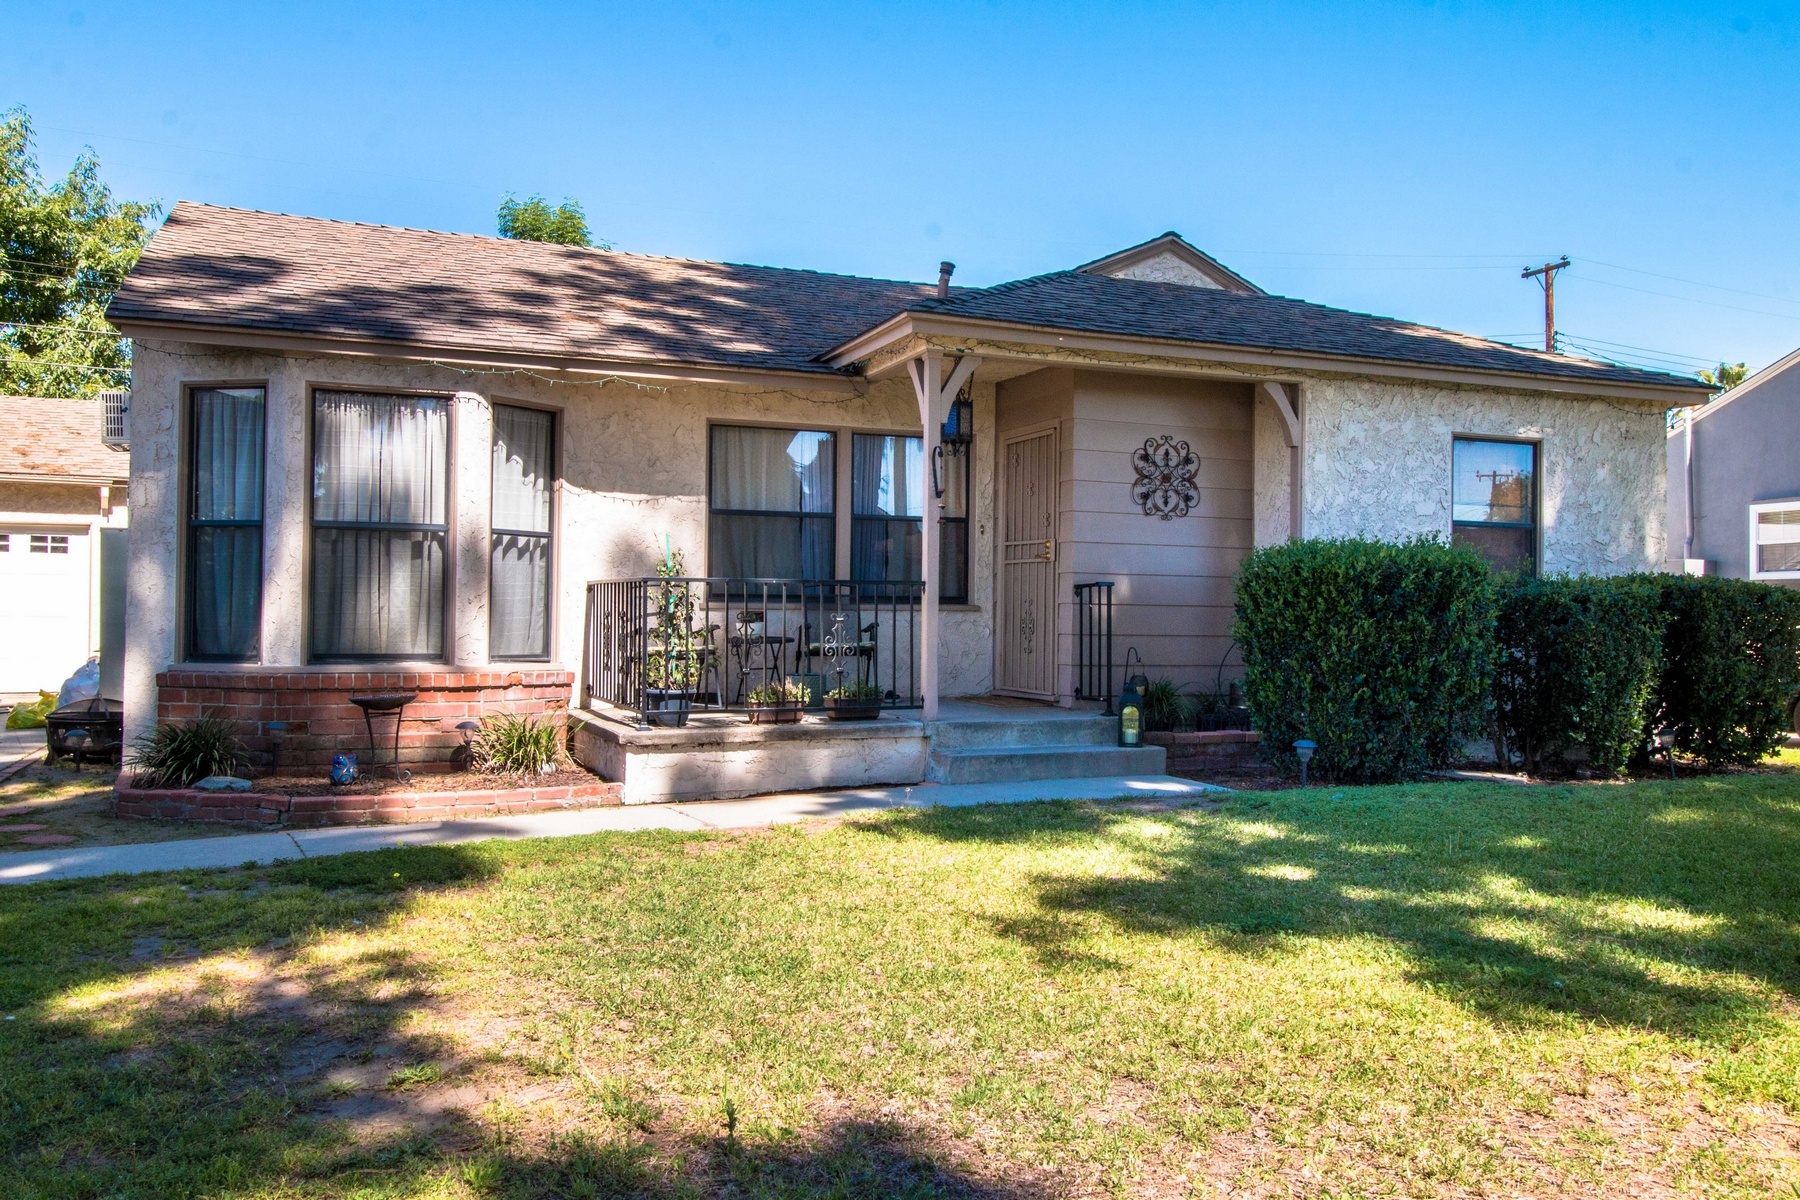 Single Family Home for Sale at Covina 16243 E. Bellbrook Street Covina, California 91722 United States